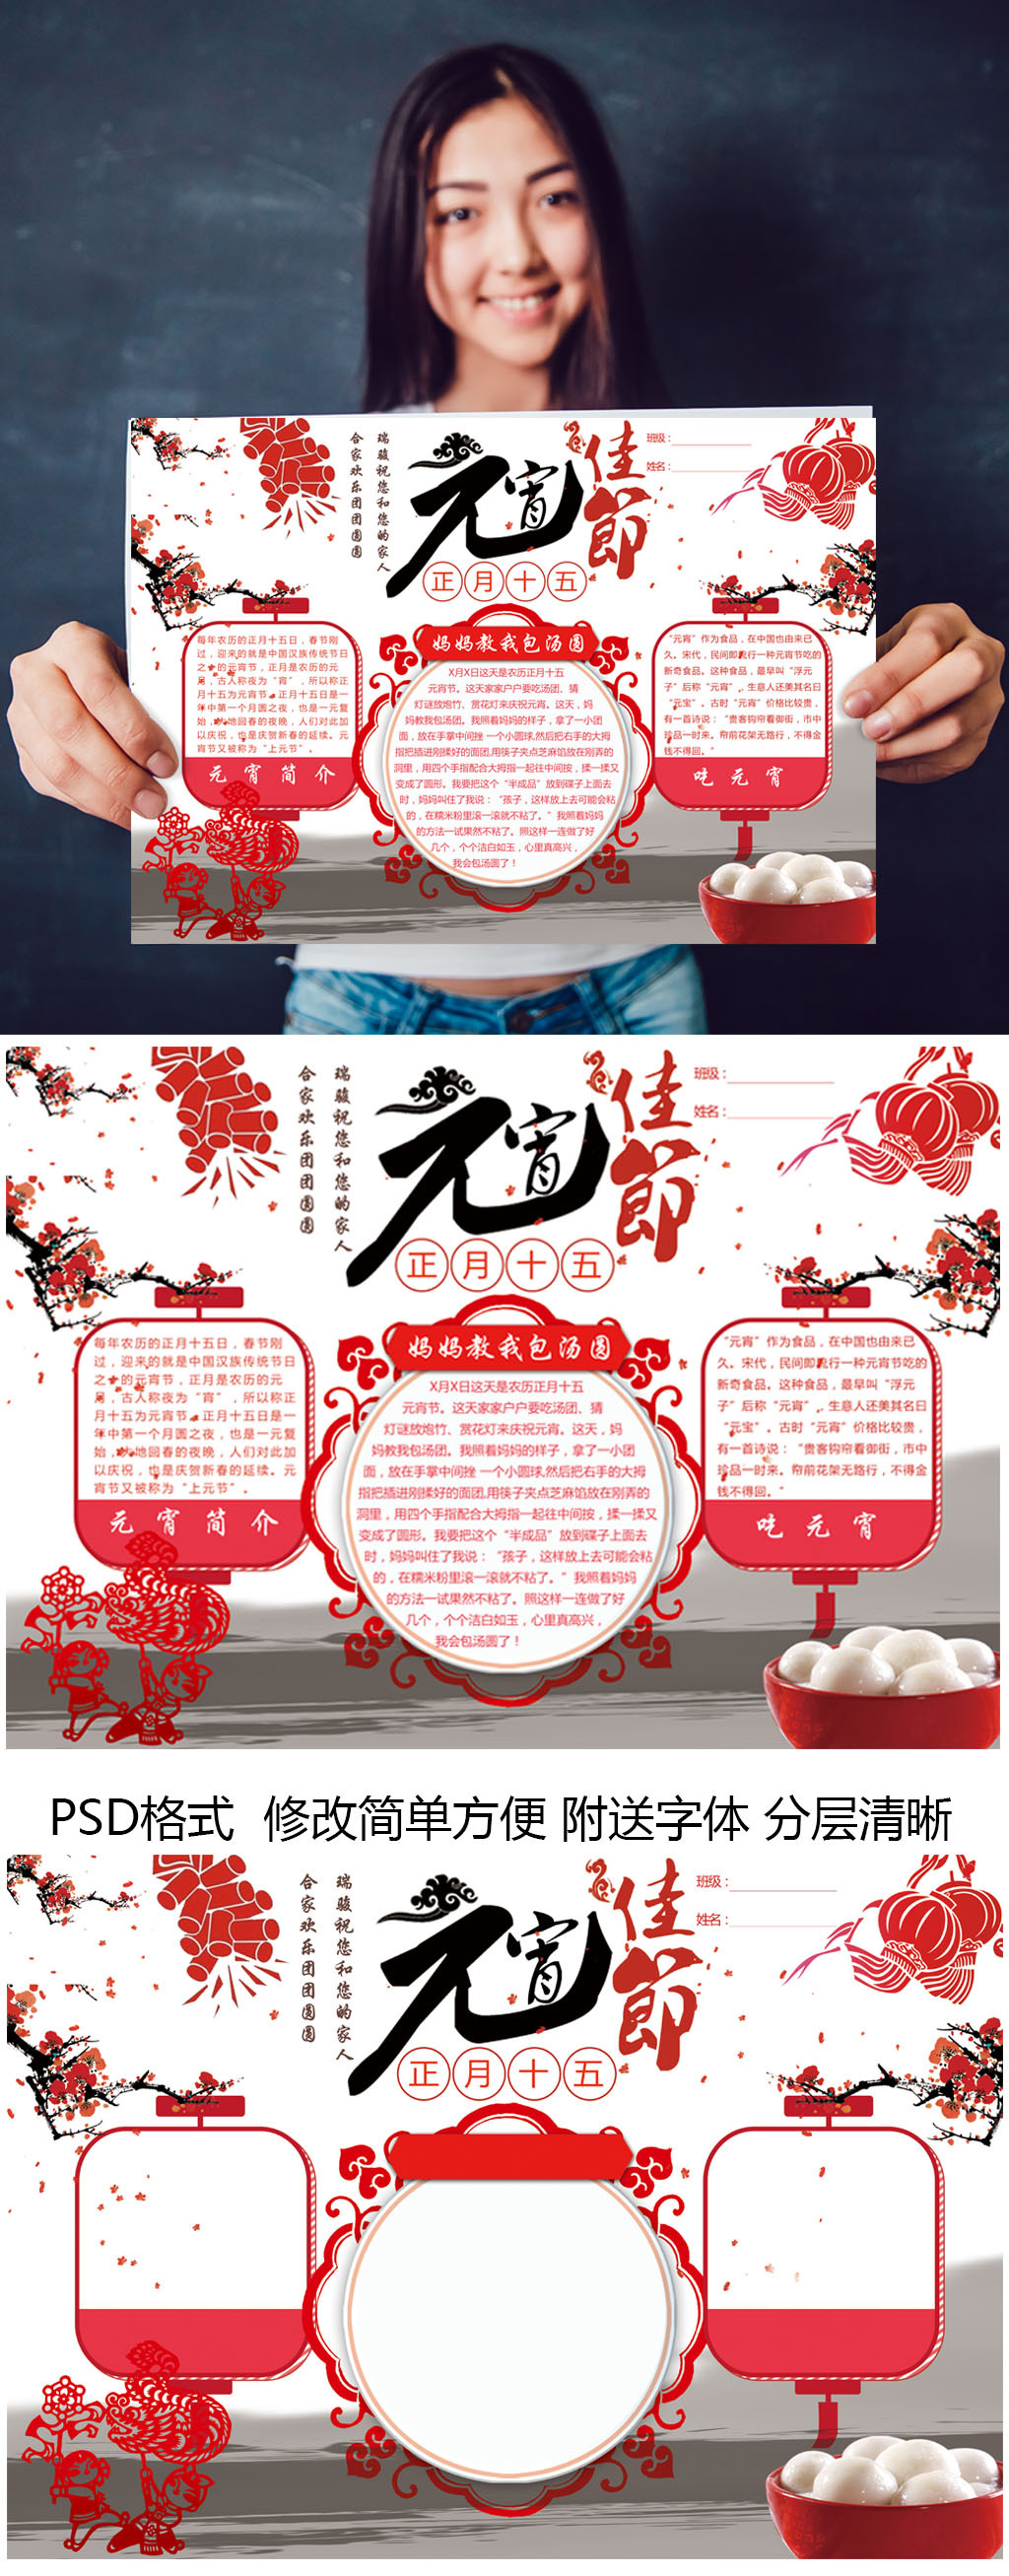 2017元宵节小报新年春节寒假小报手抄报